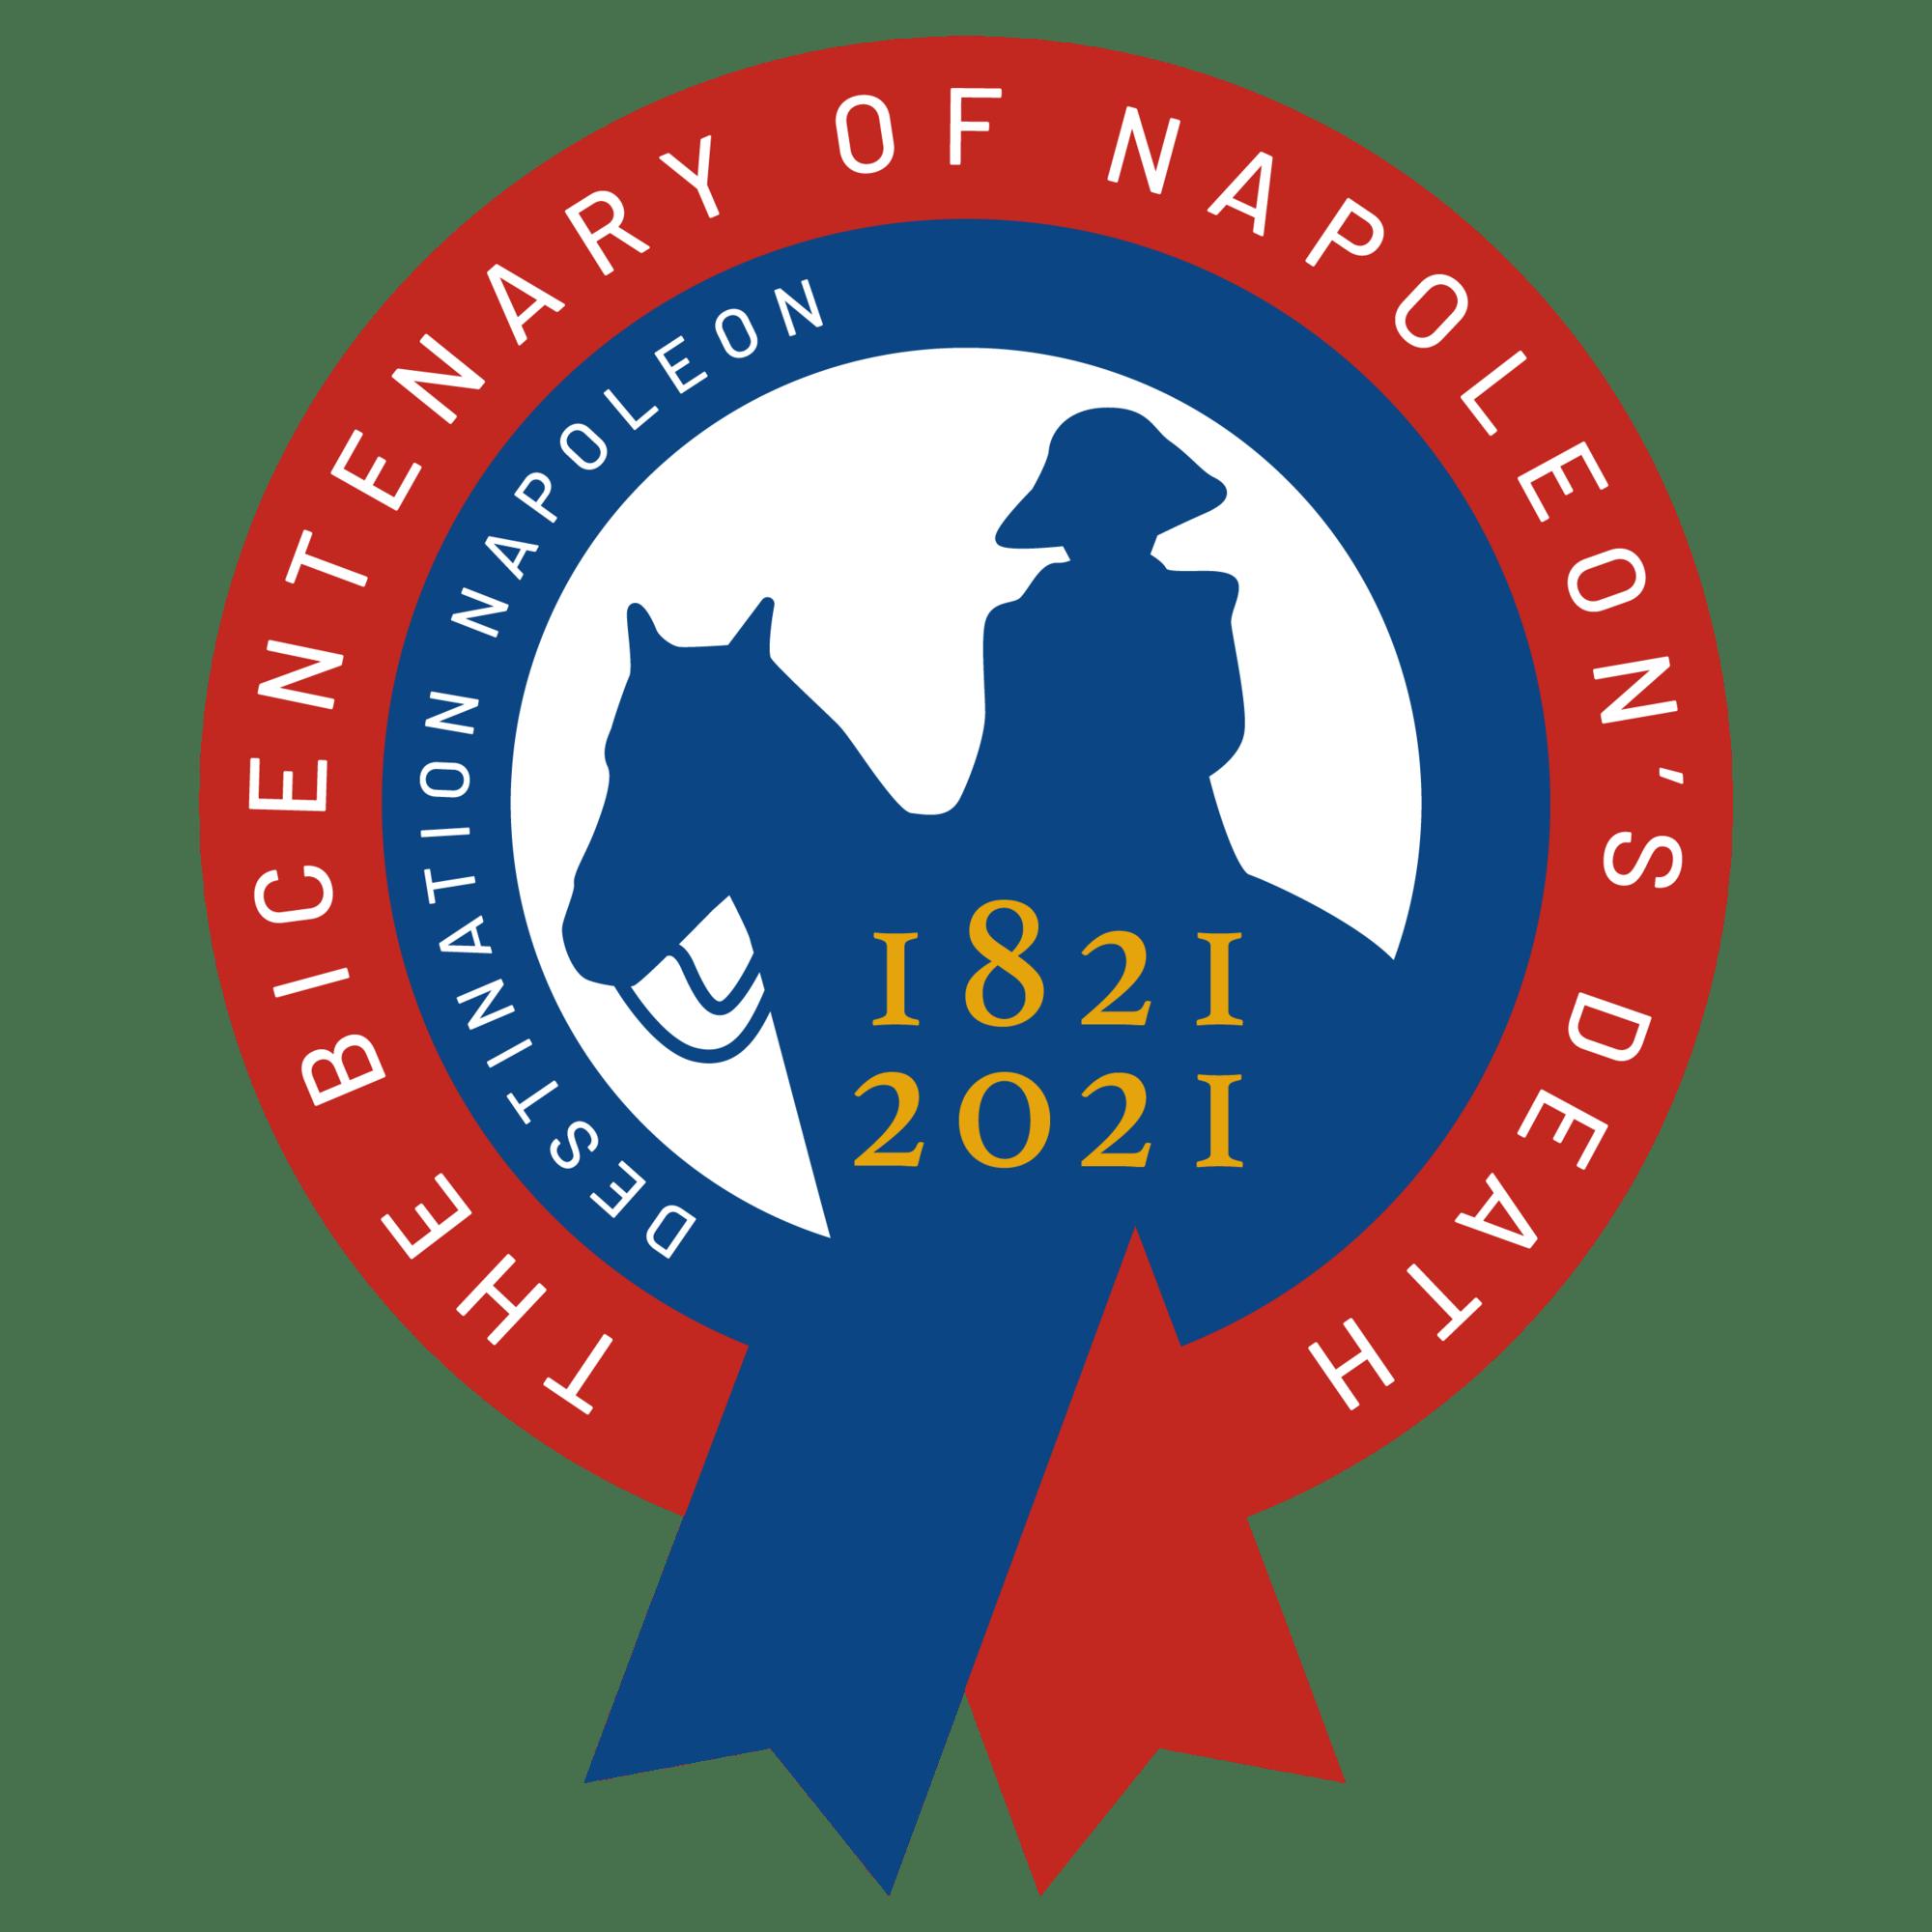 Logo_Bicentenary-01 jhhjghjghjghjg(1)